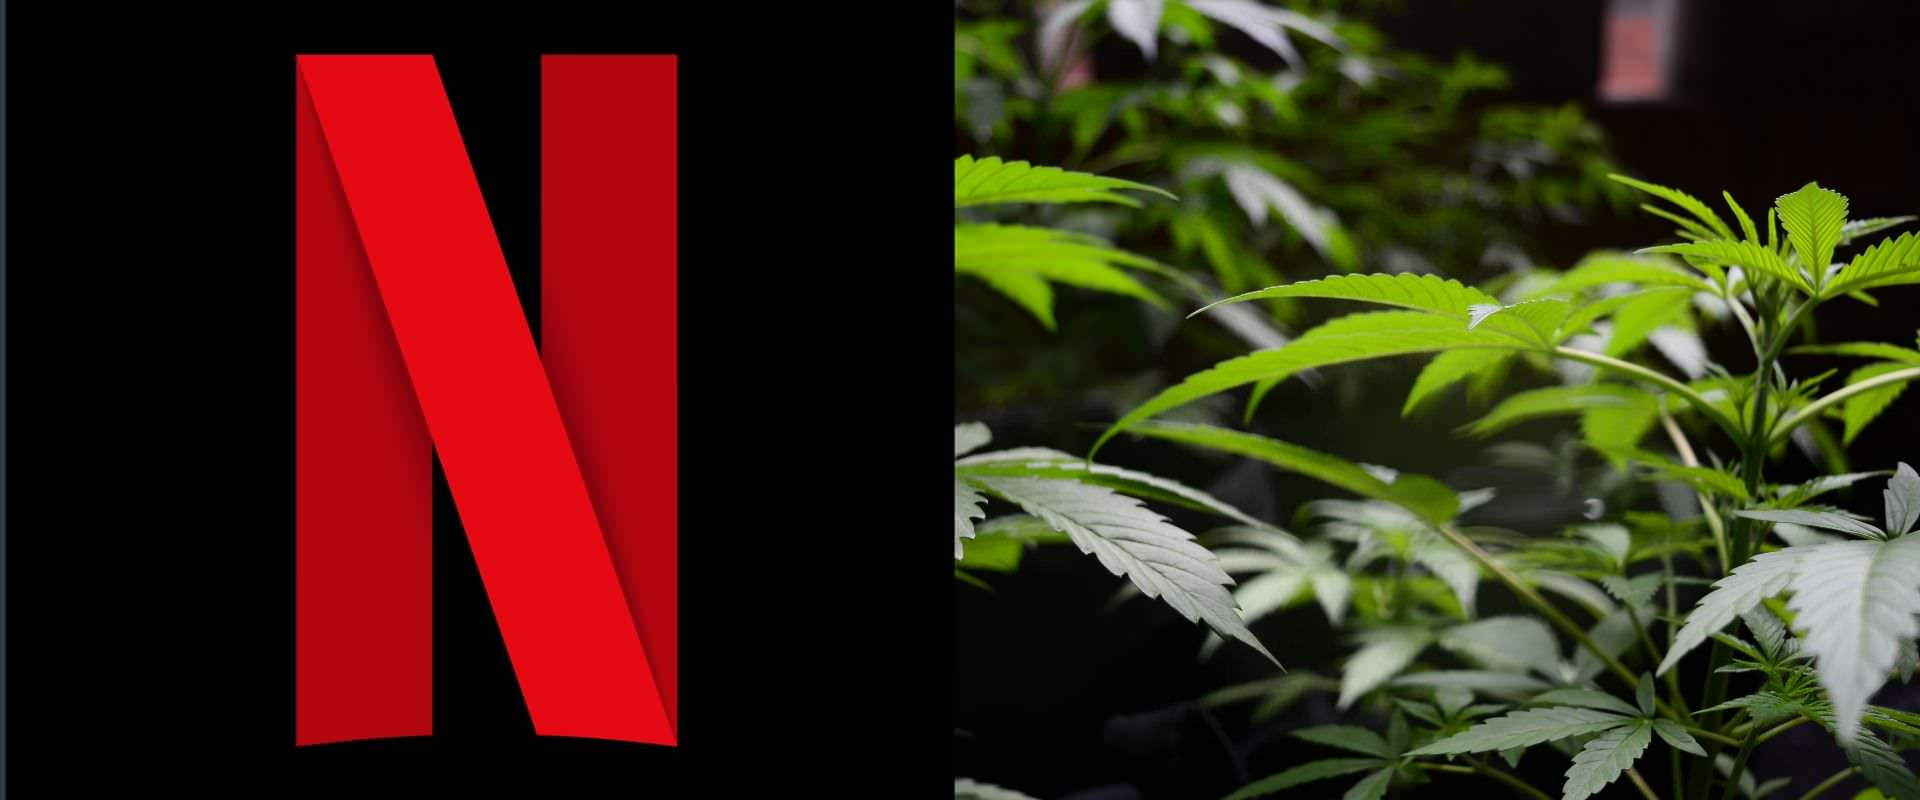 Potflix: Netflix + marihuana.  14 películas, series y documentales para marihuaneros en Netflix  [Actualizado 2021]